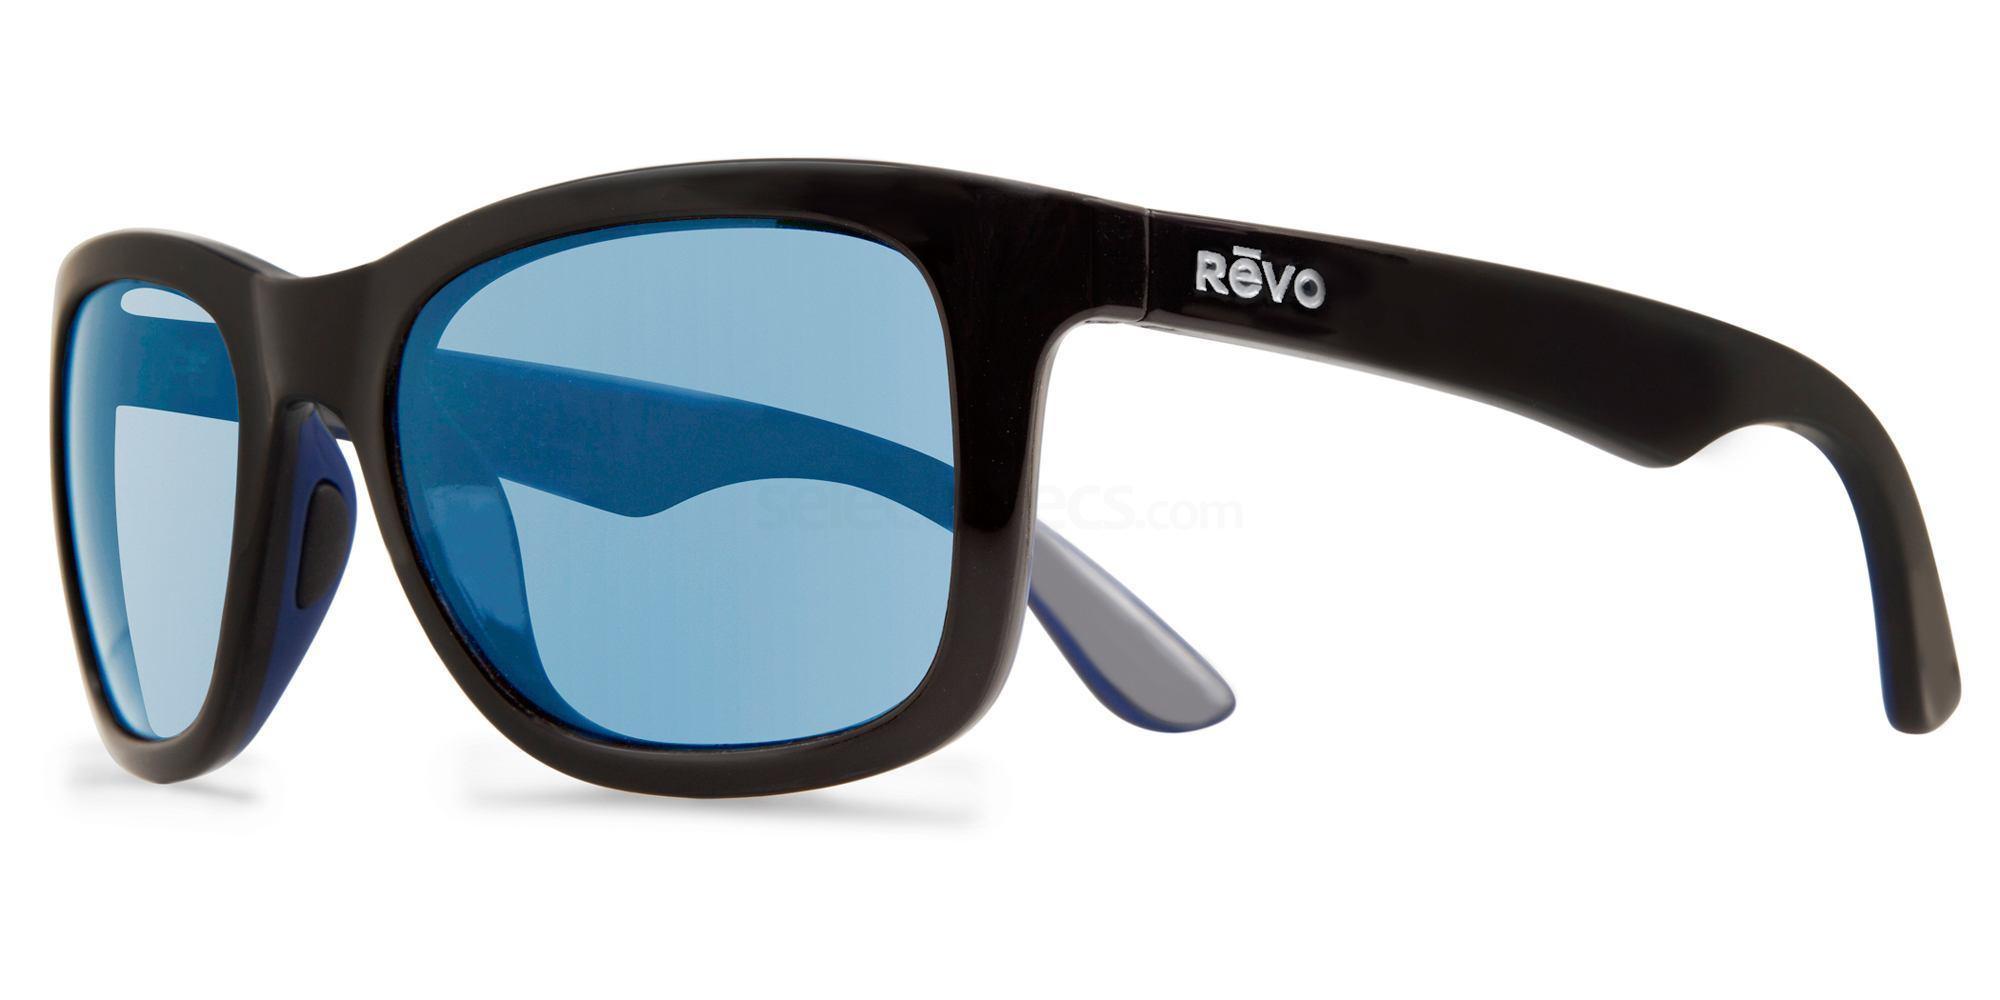 01BL Huddie - 351000 Sunglasses, Revo